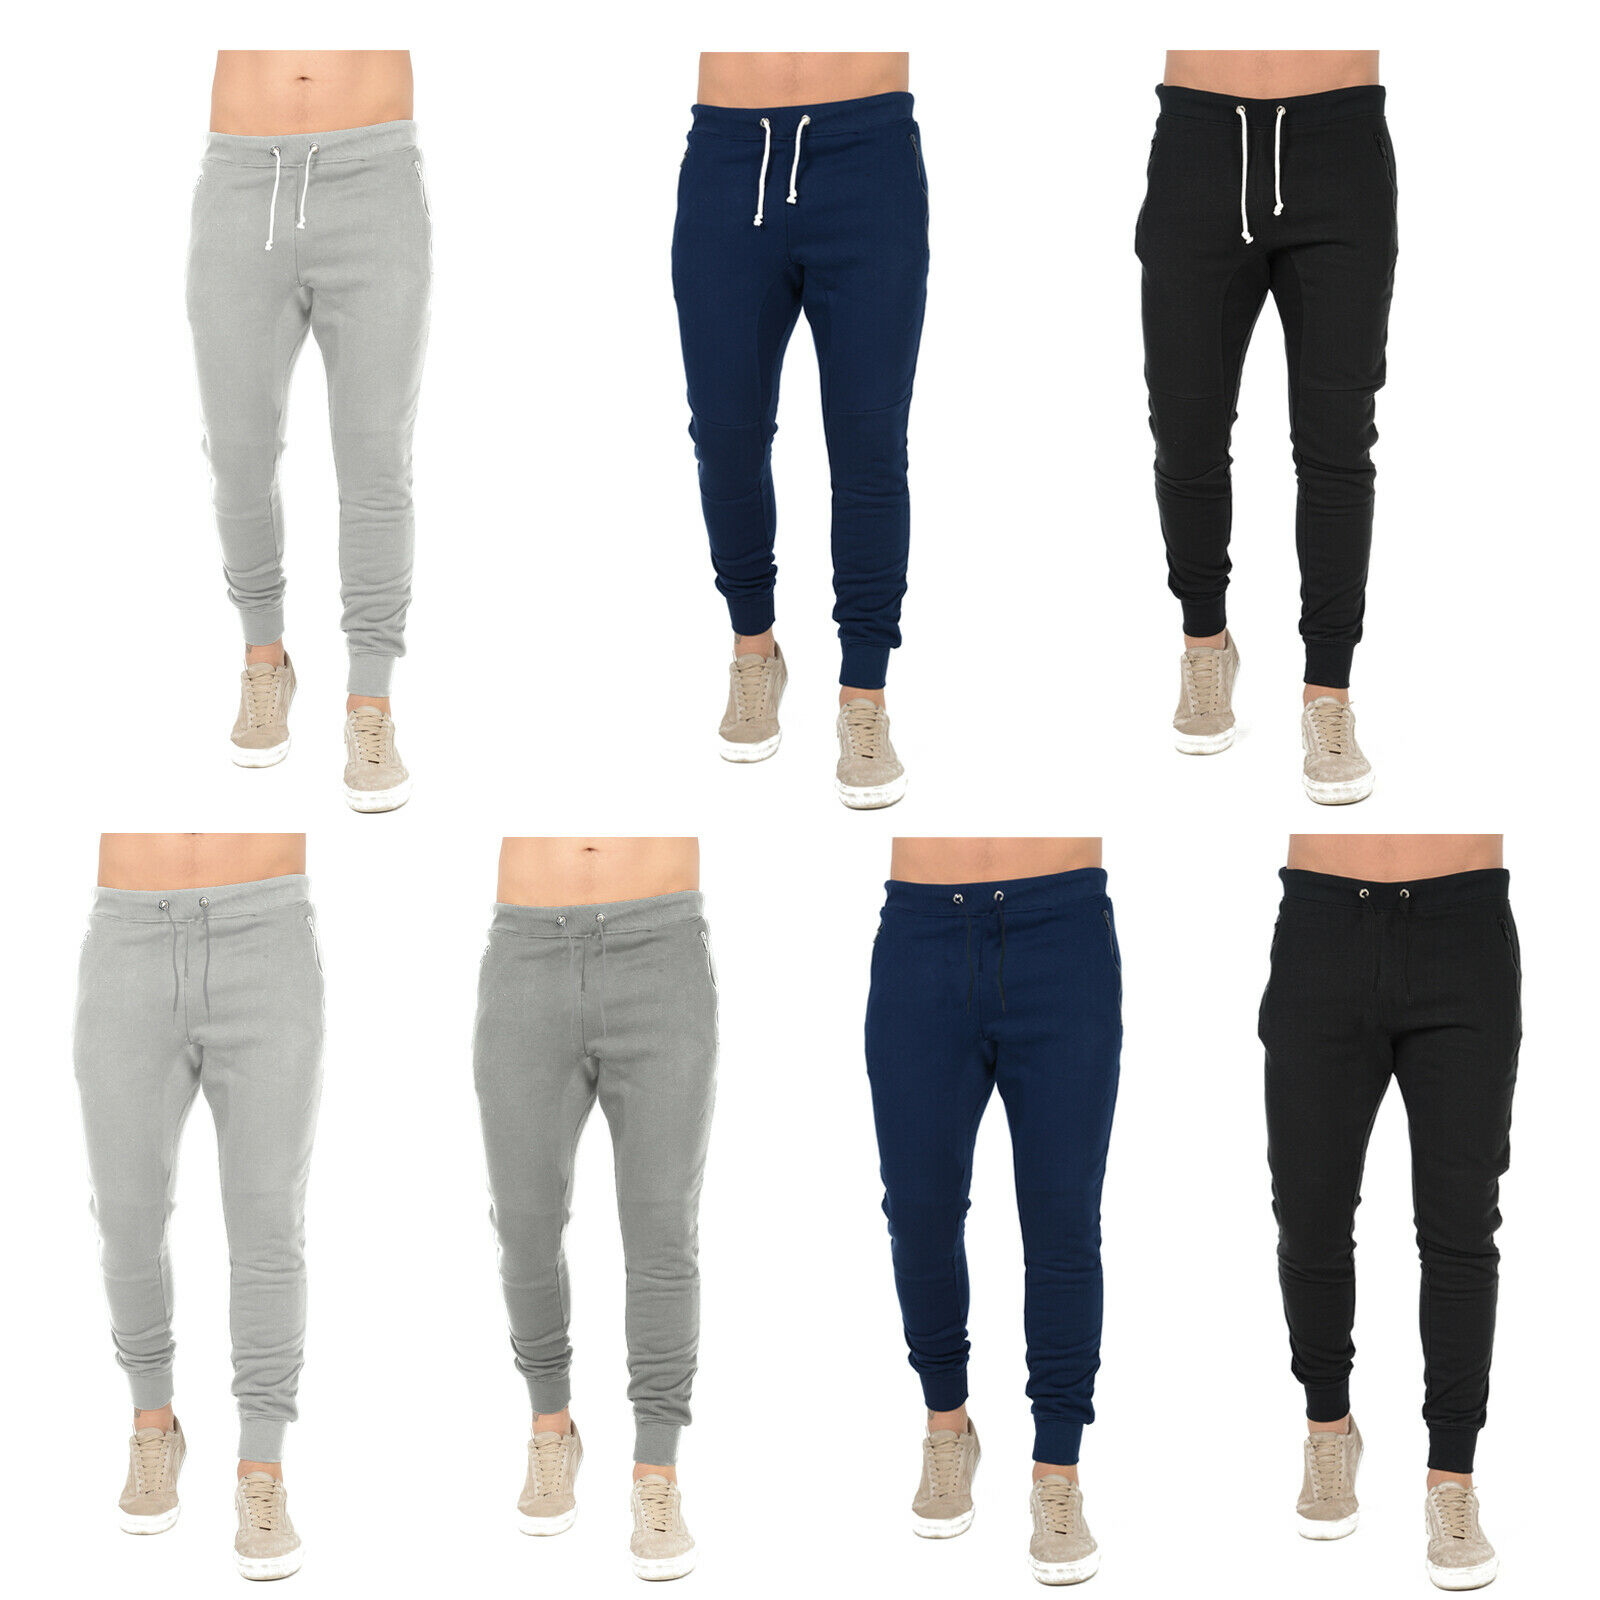 Lonsdale Essential Sweatpants Mens Gents Fleece Jogging Bottoms Trousers Pants